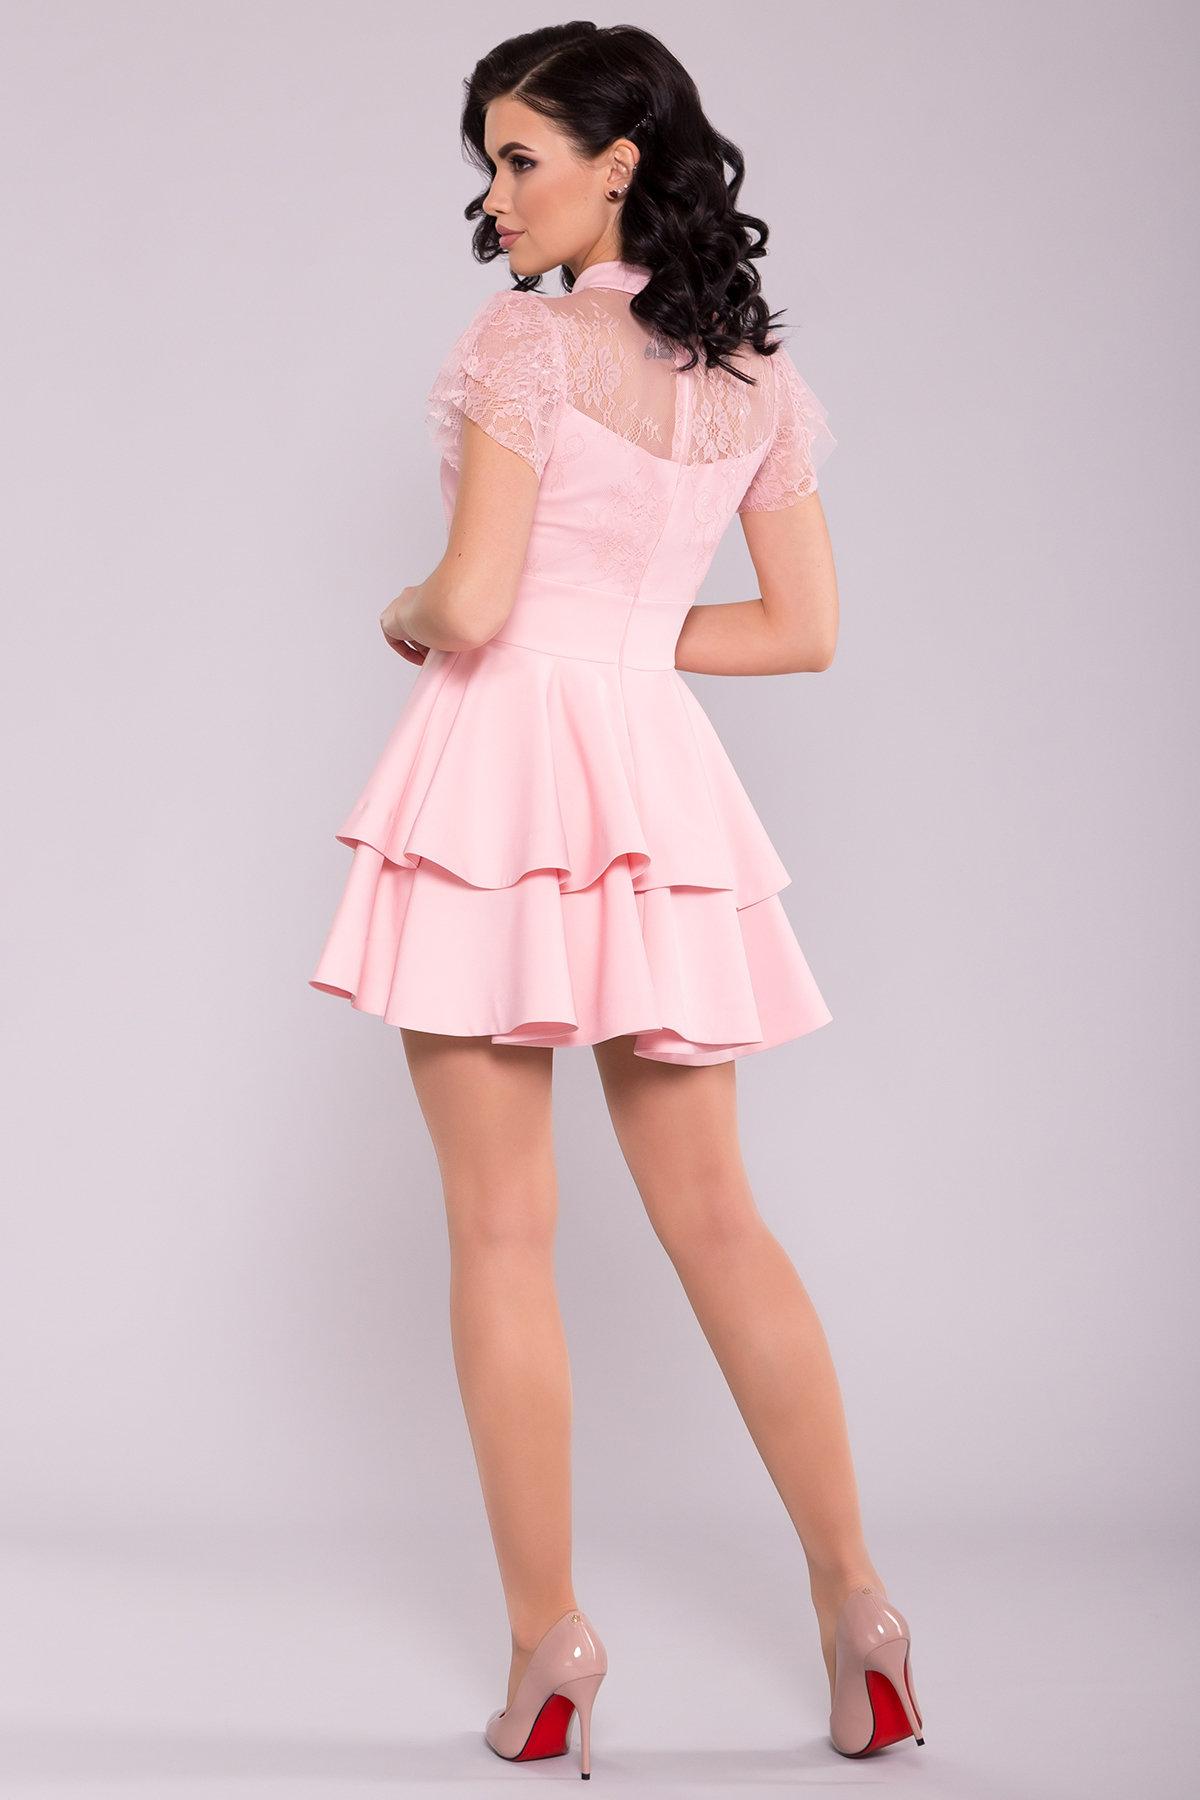 Короткое Платье с гипюром Николь лайт 6934 Цвет: Пудра светлая 6